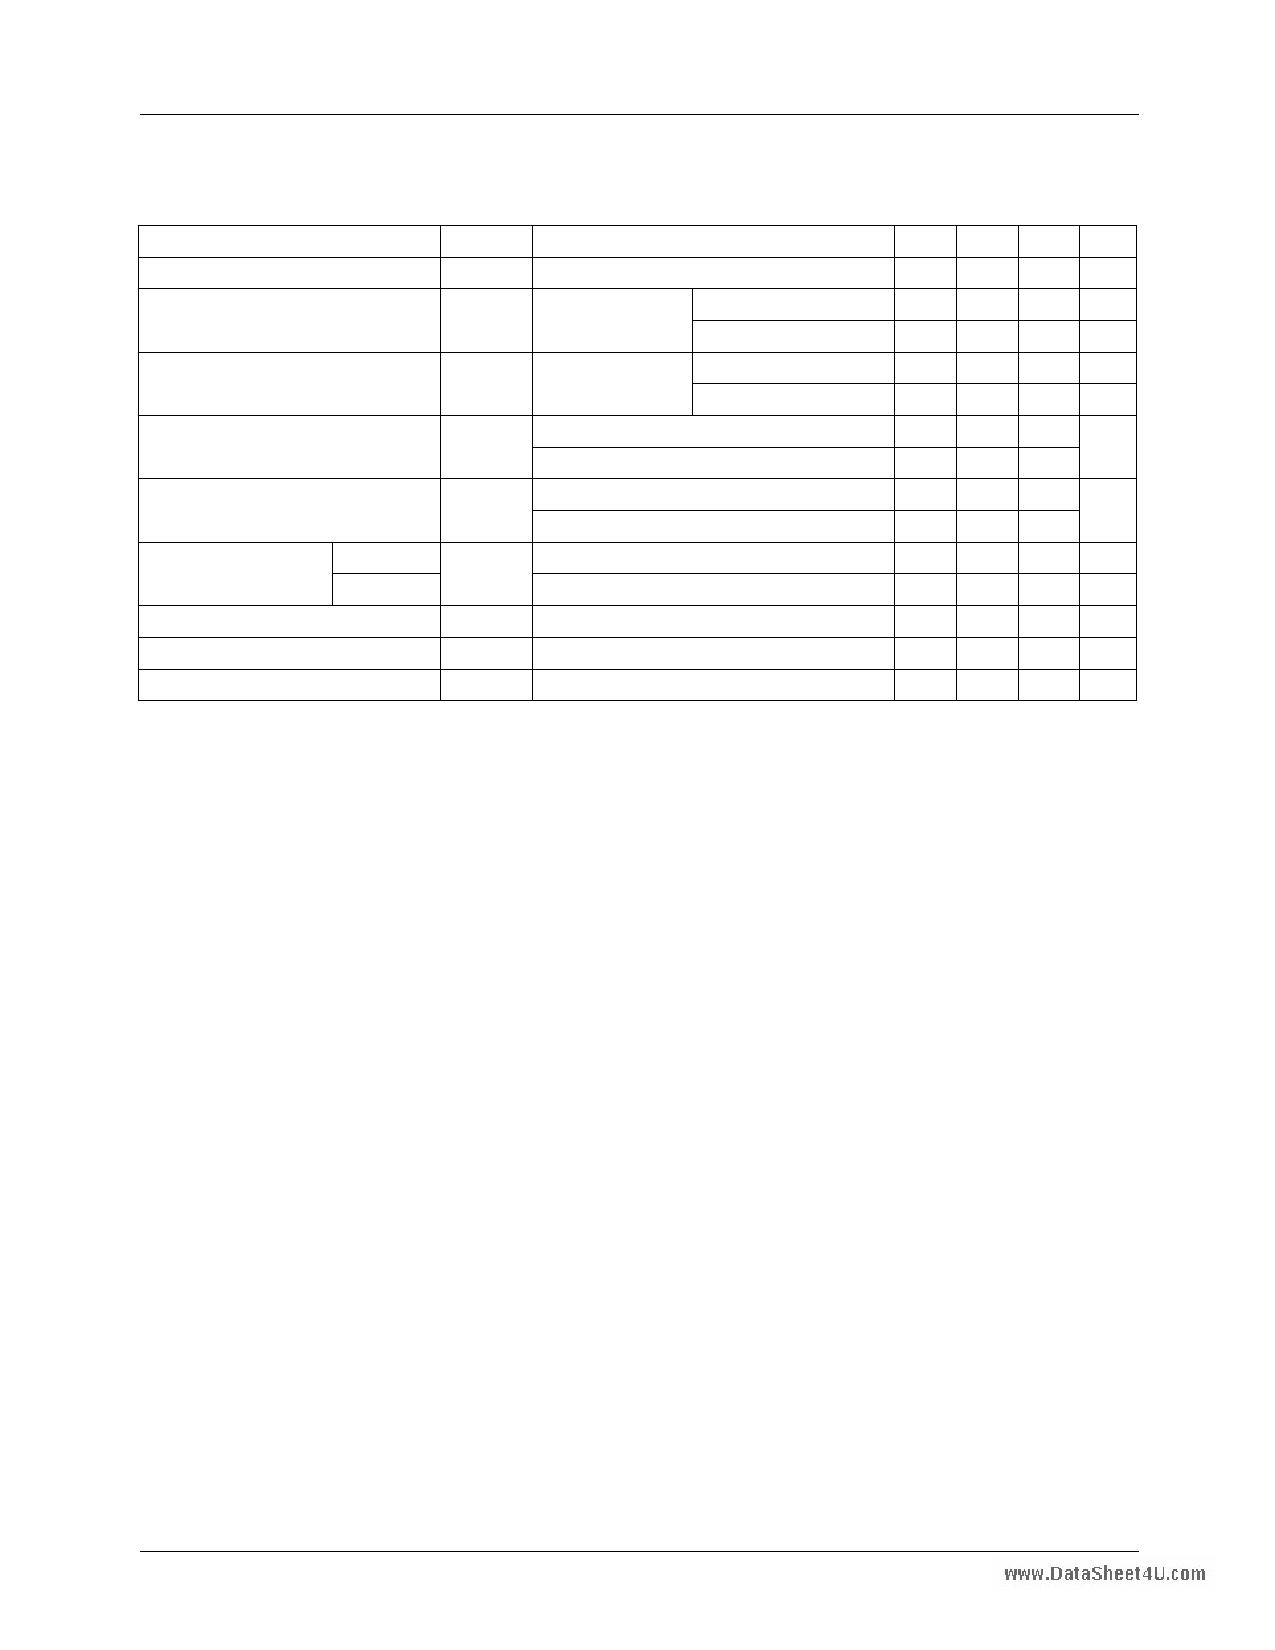 KA79L05A pdf, ピン配列